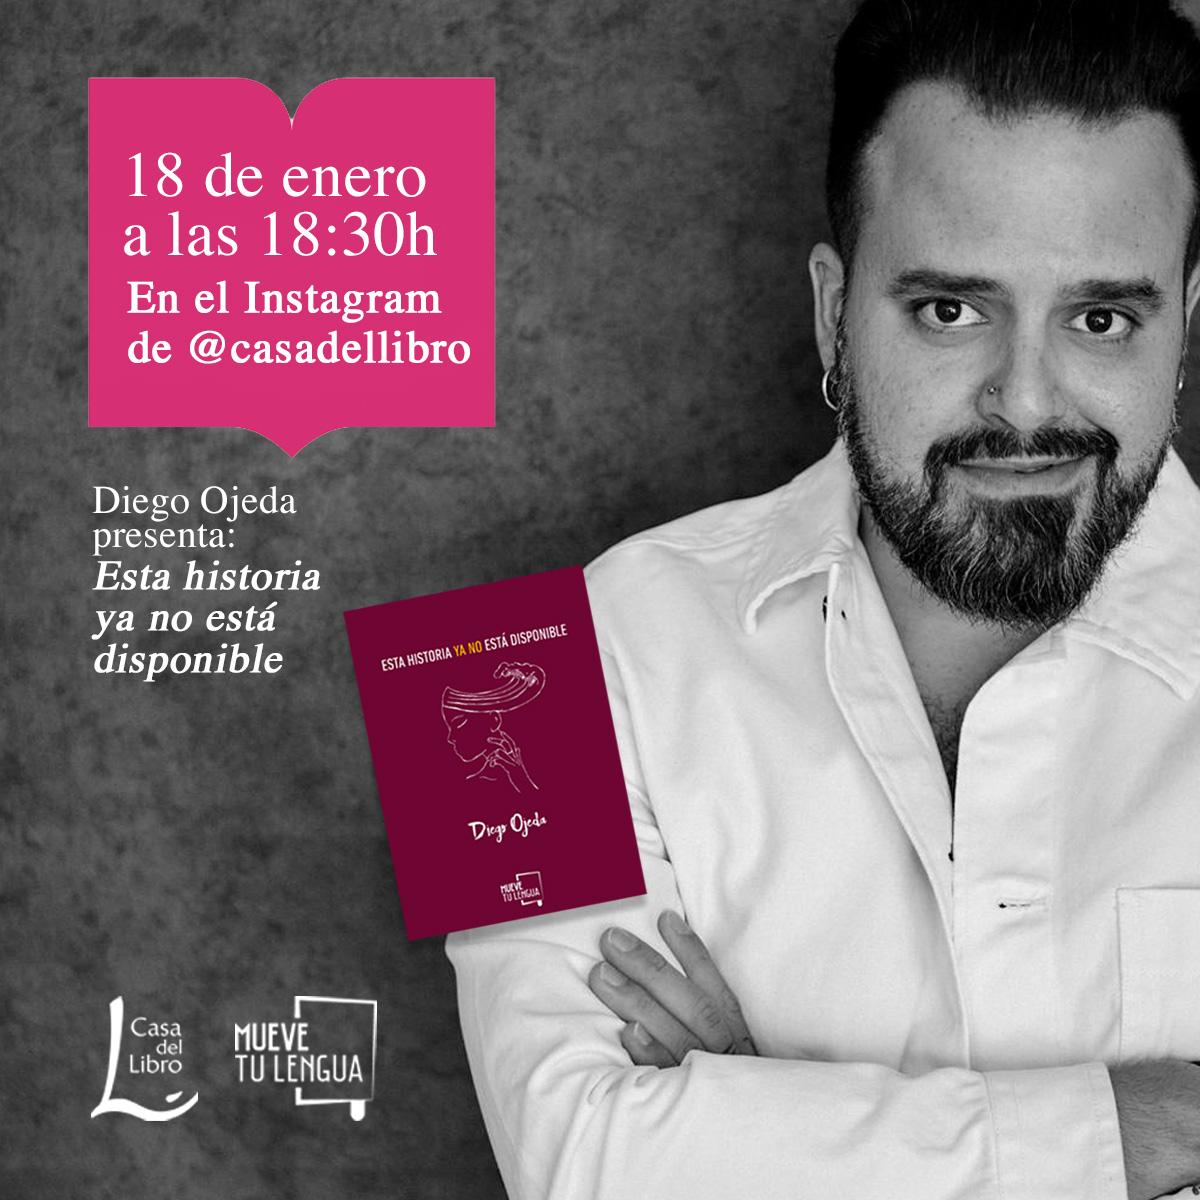 🗣️ El lunes 18 de enero Diego Ojeda (@diegoojeda85) presenta 'Esta historia ya no está disponible' en nuestro perfil de Instagram 👉   ¡No te lo pierdas!  @MueveTuLengua_